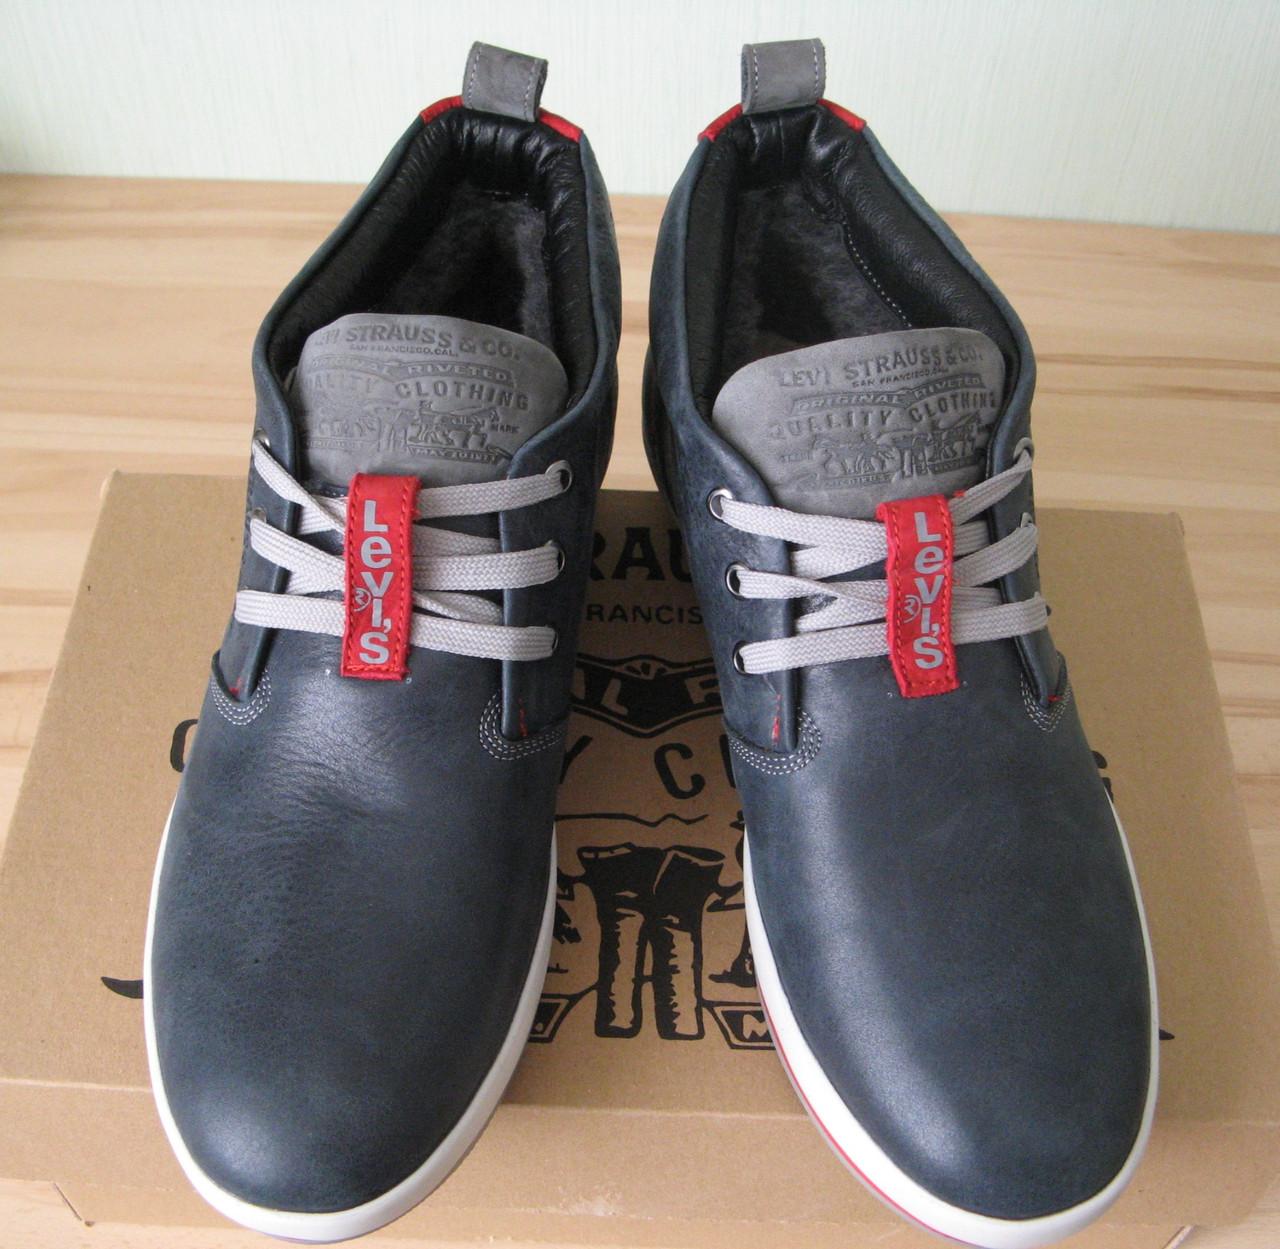 280fb0a49 Зима! Супер качество в стиле Levis! синие теплые мужские ботинки кожа Левис  - Trendy